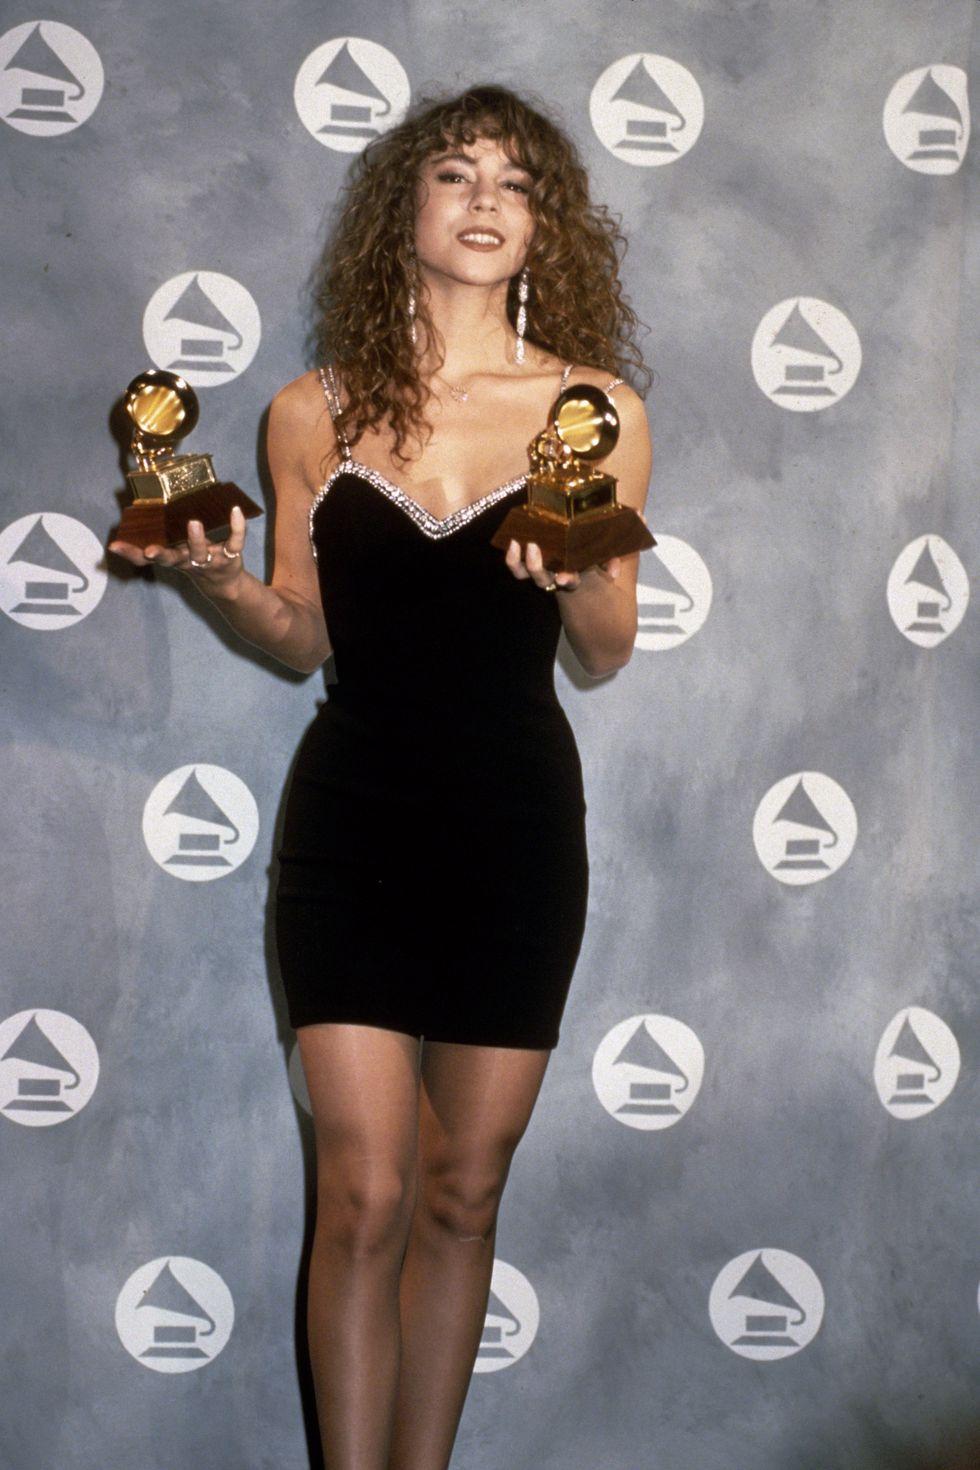 Mariah Carrey na dodjeli Emmyja nosi malu crnu haljinu